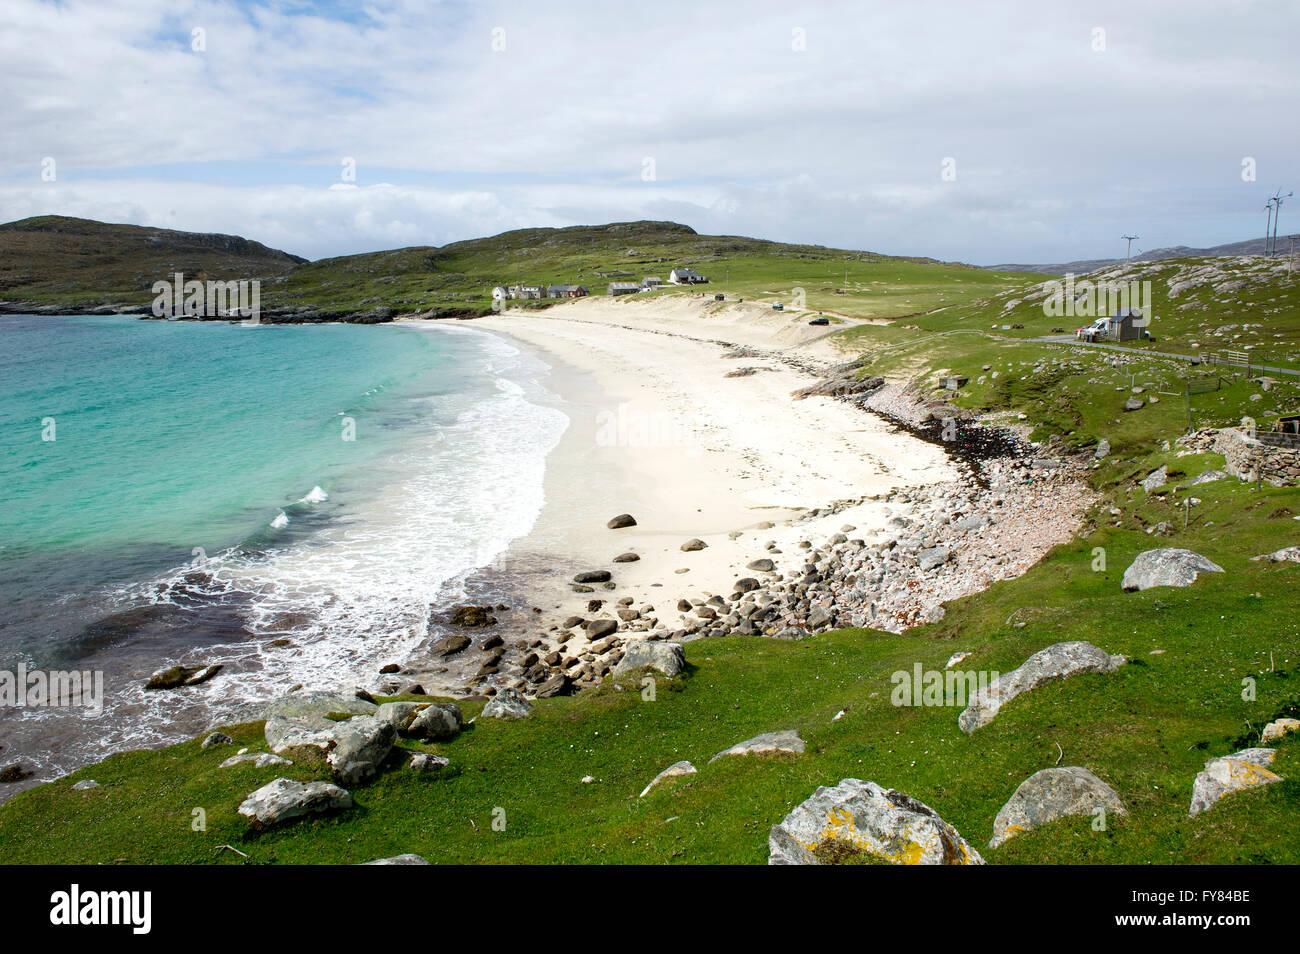 Huisinish beach  Isle of Harris, Outer Hebrides Scotland GB. - Stock Image